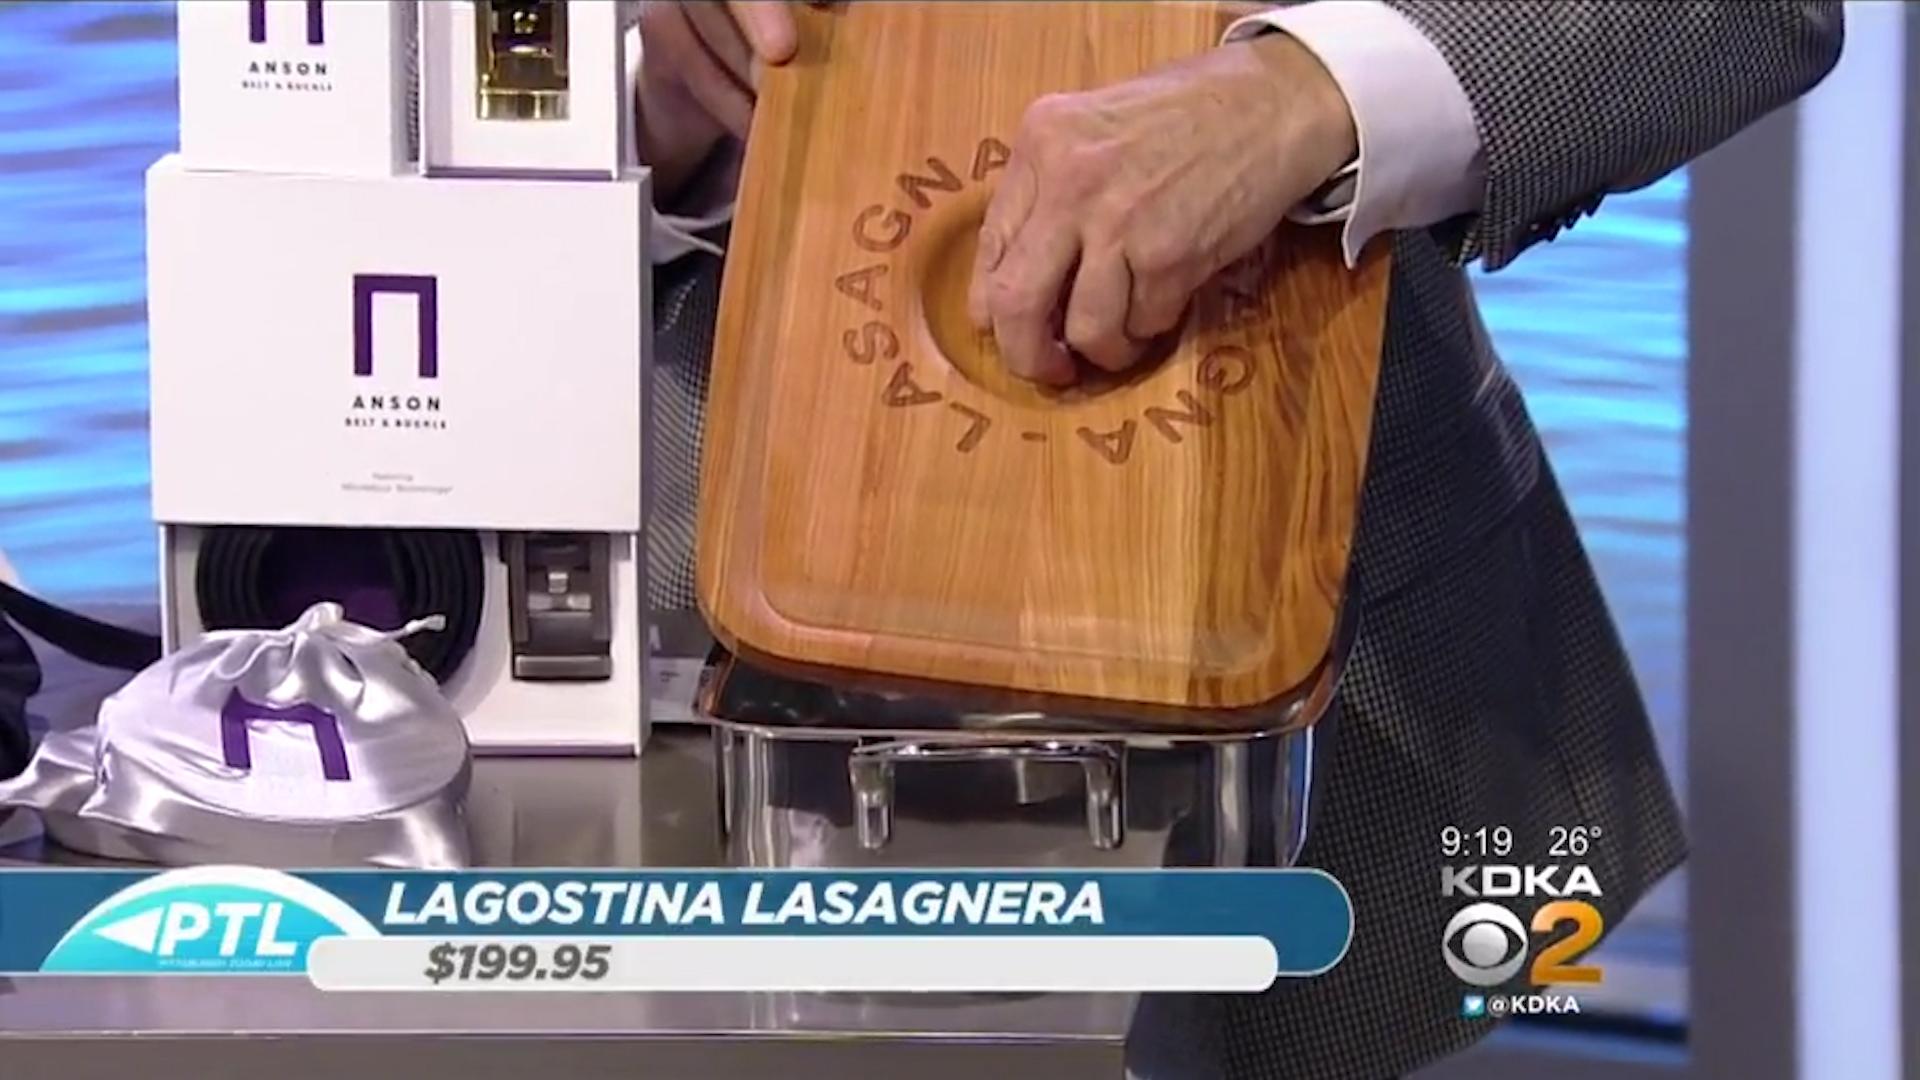 LAGOSTINA LASAGNERA - $199.95Shop Now